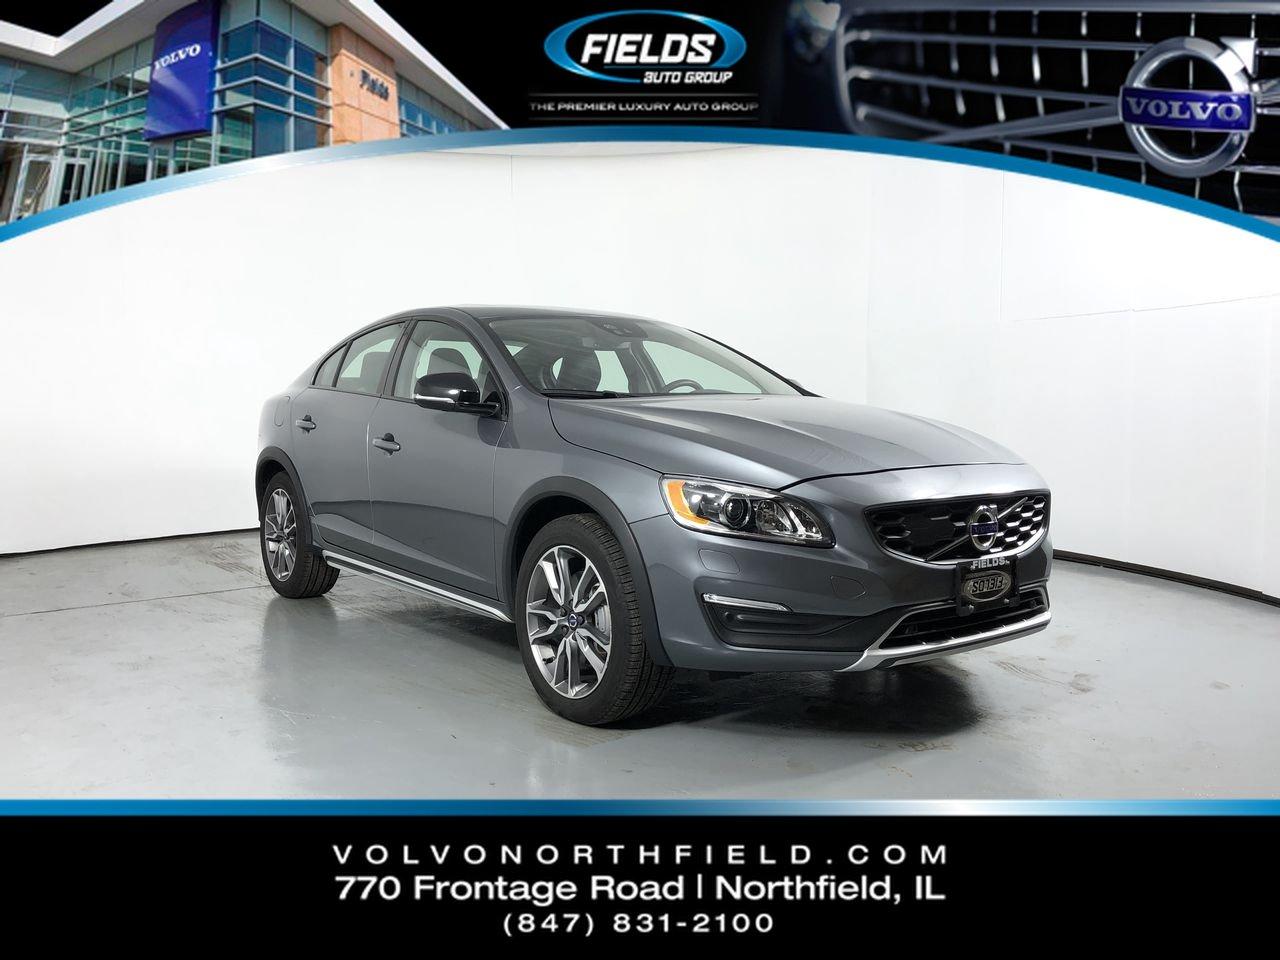 Featured Volvo Vehicles Fields Volvo Northfield Near Chicago Il